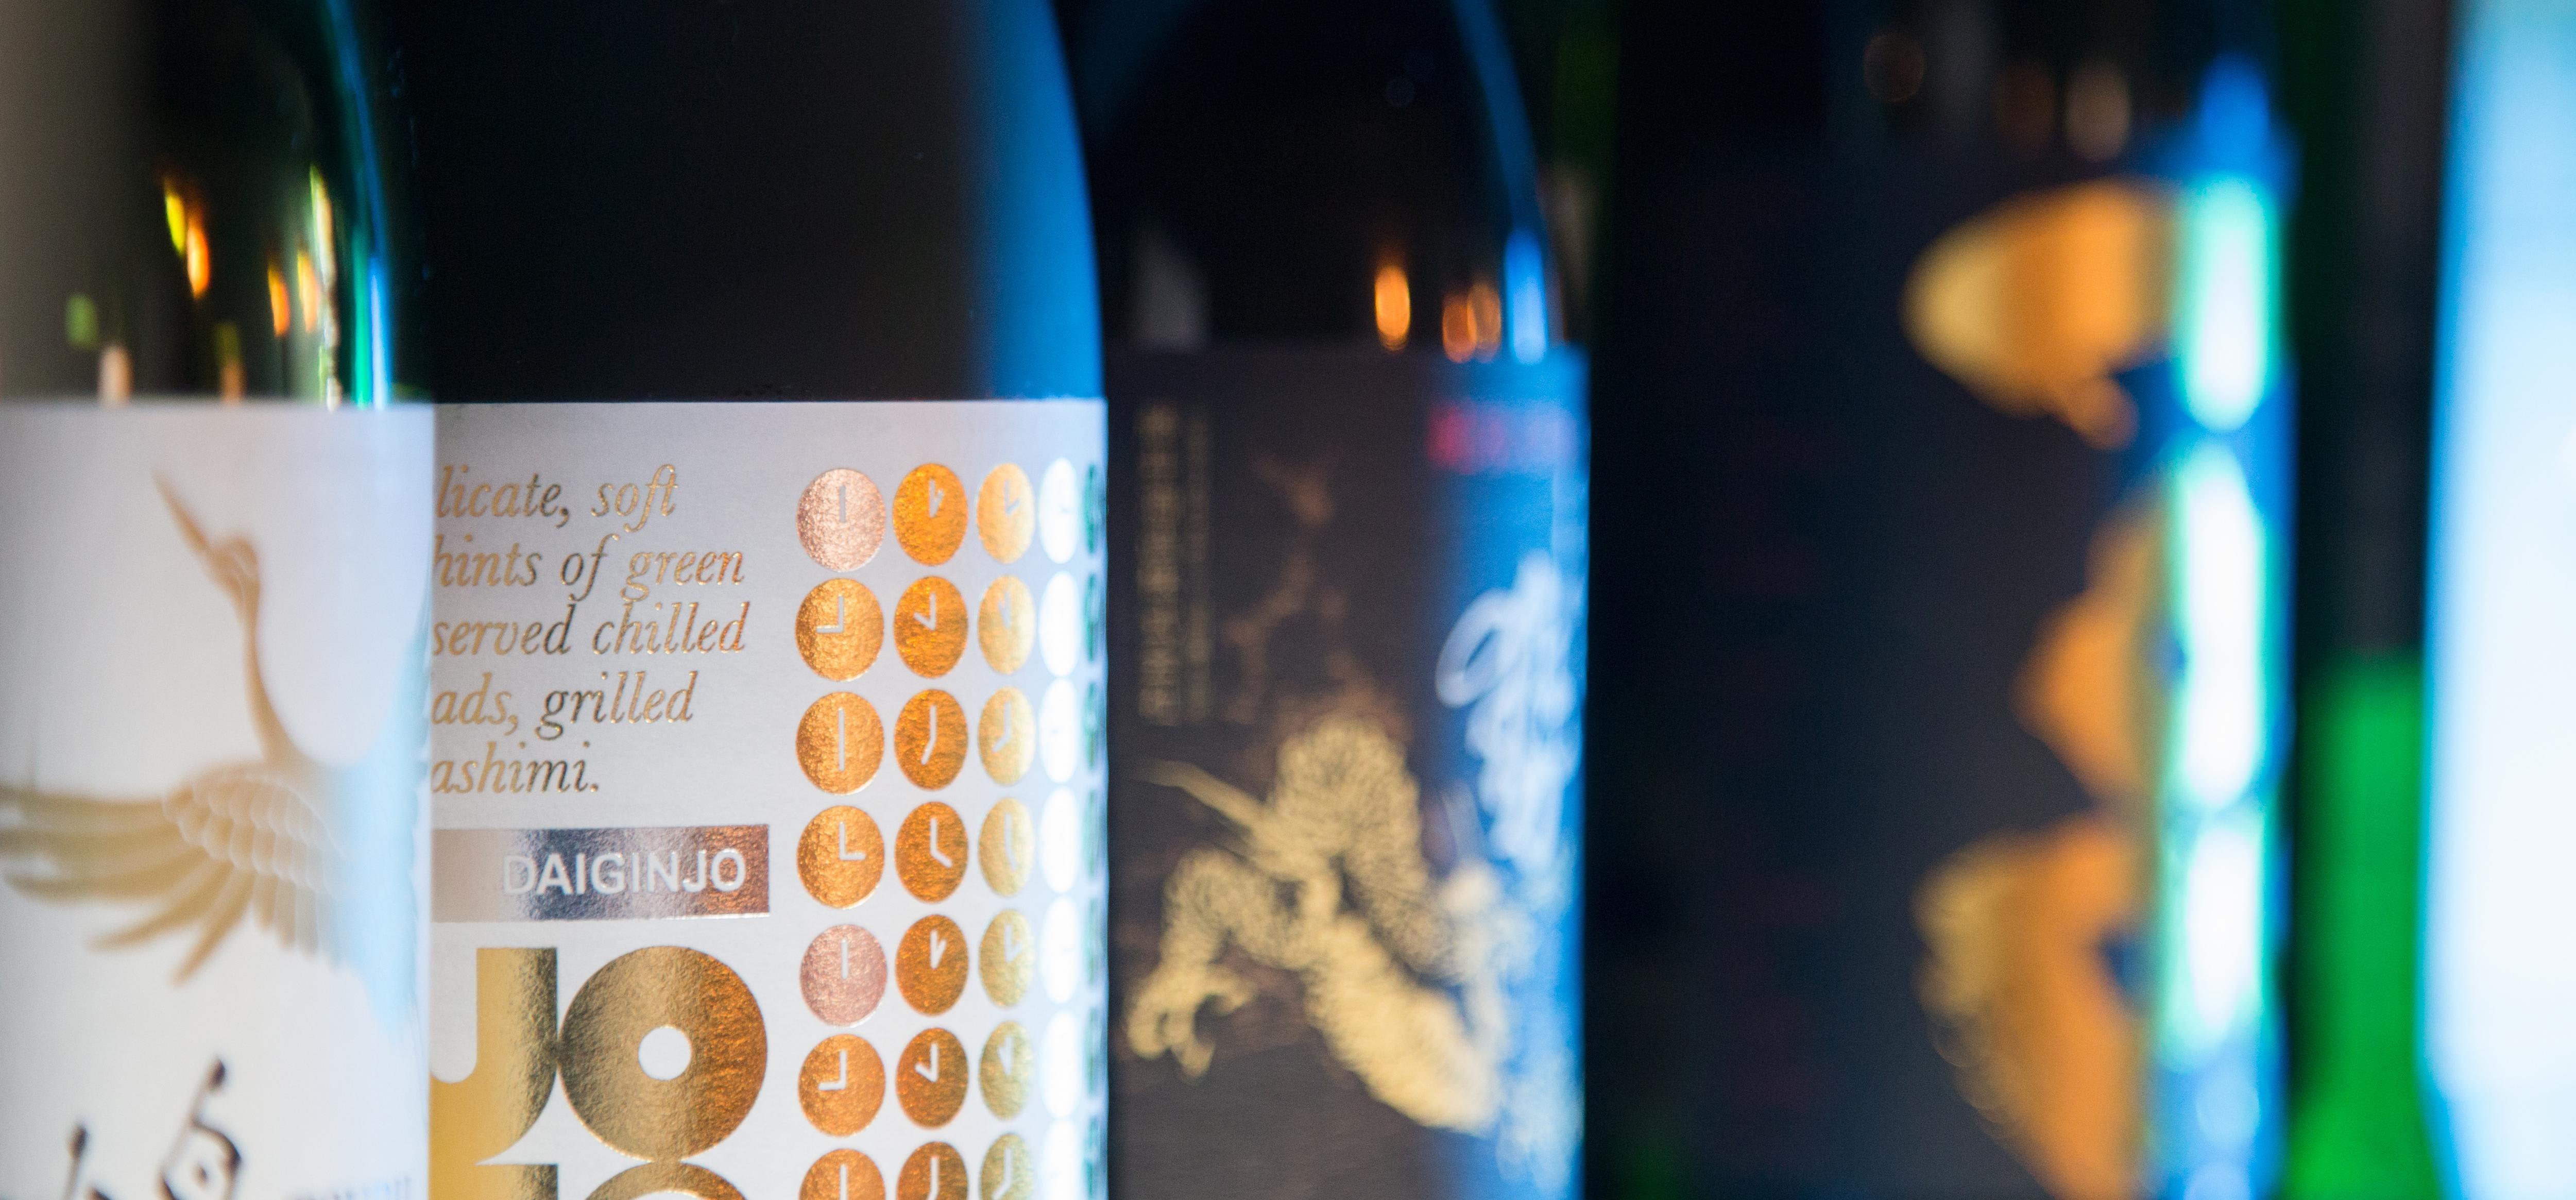 Zilla Sake (Sushi & Sake) Portland Oregon - Sake Bottles at Zilla Sake House